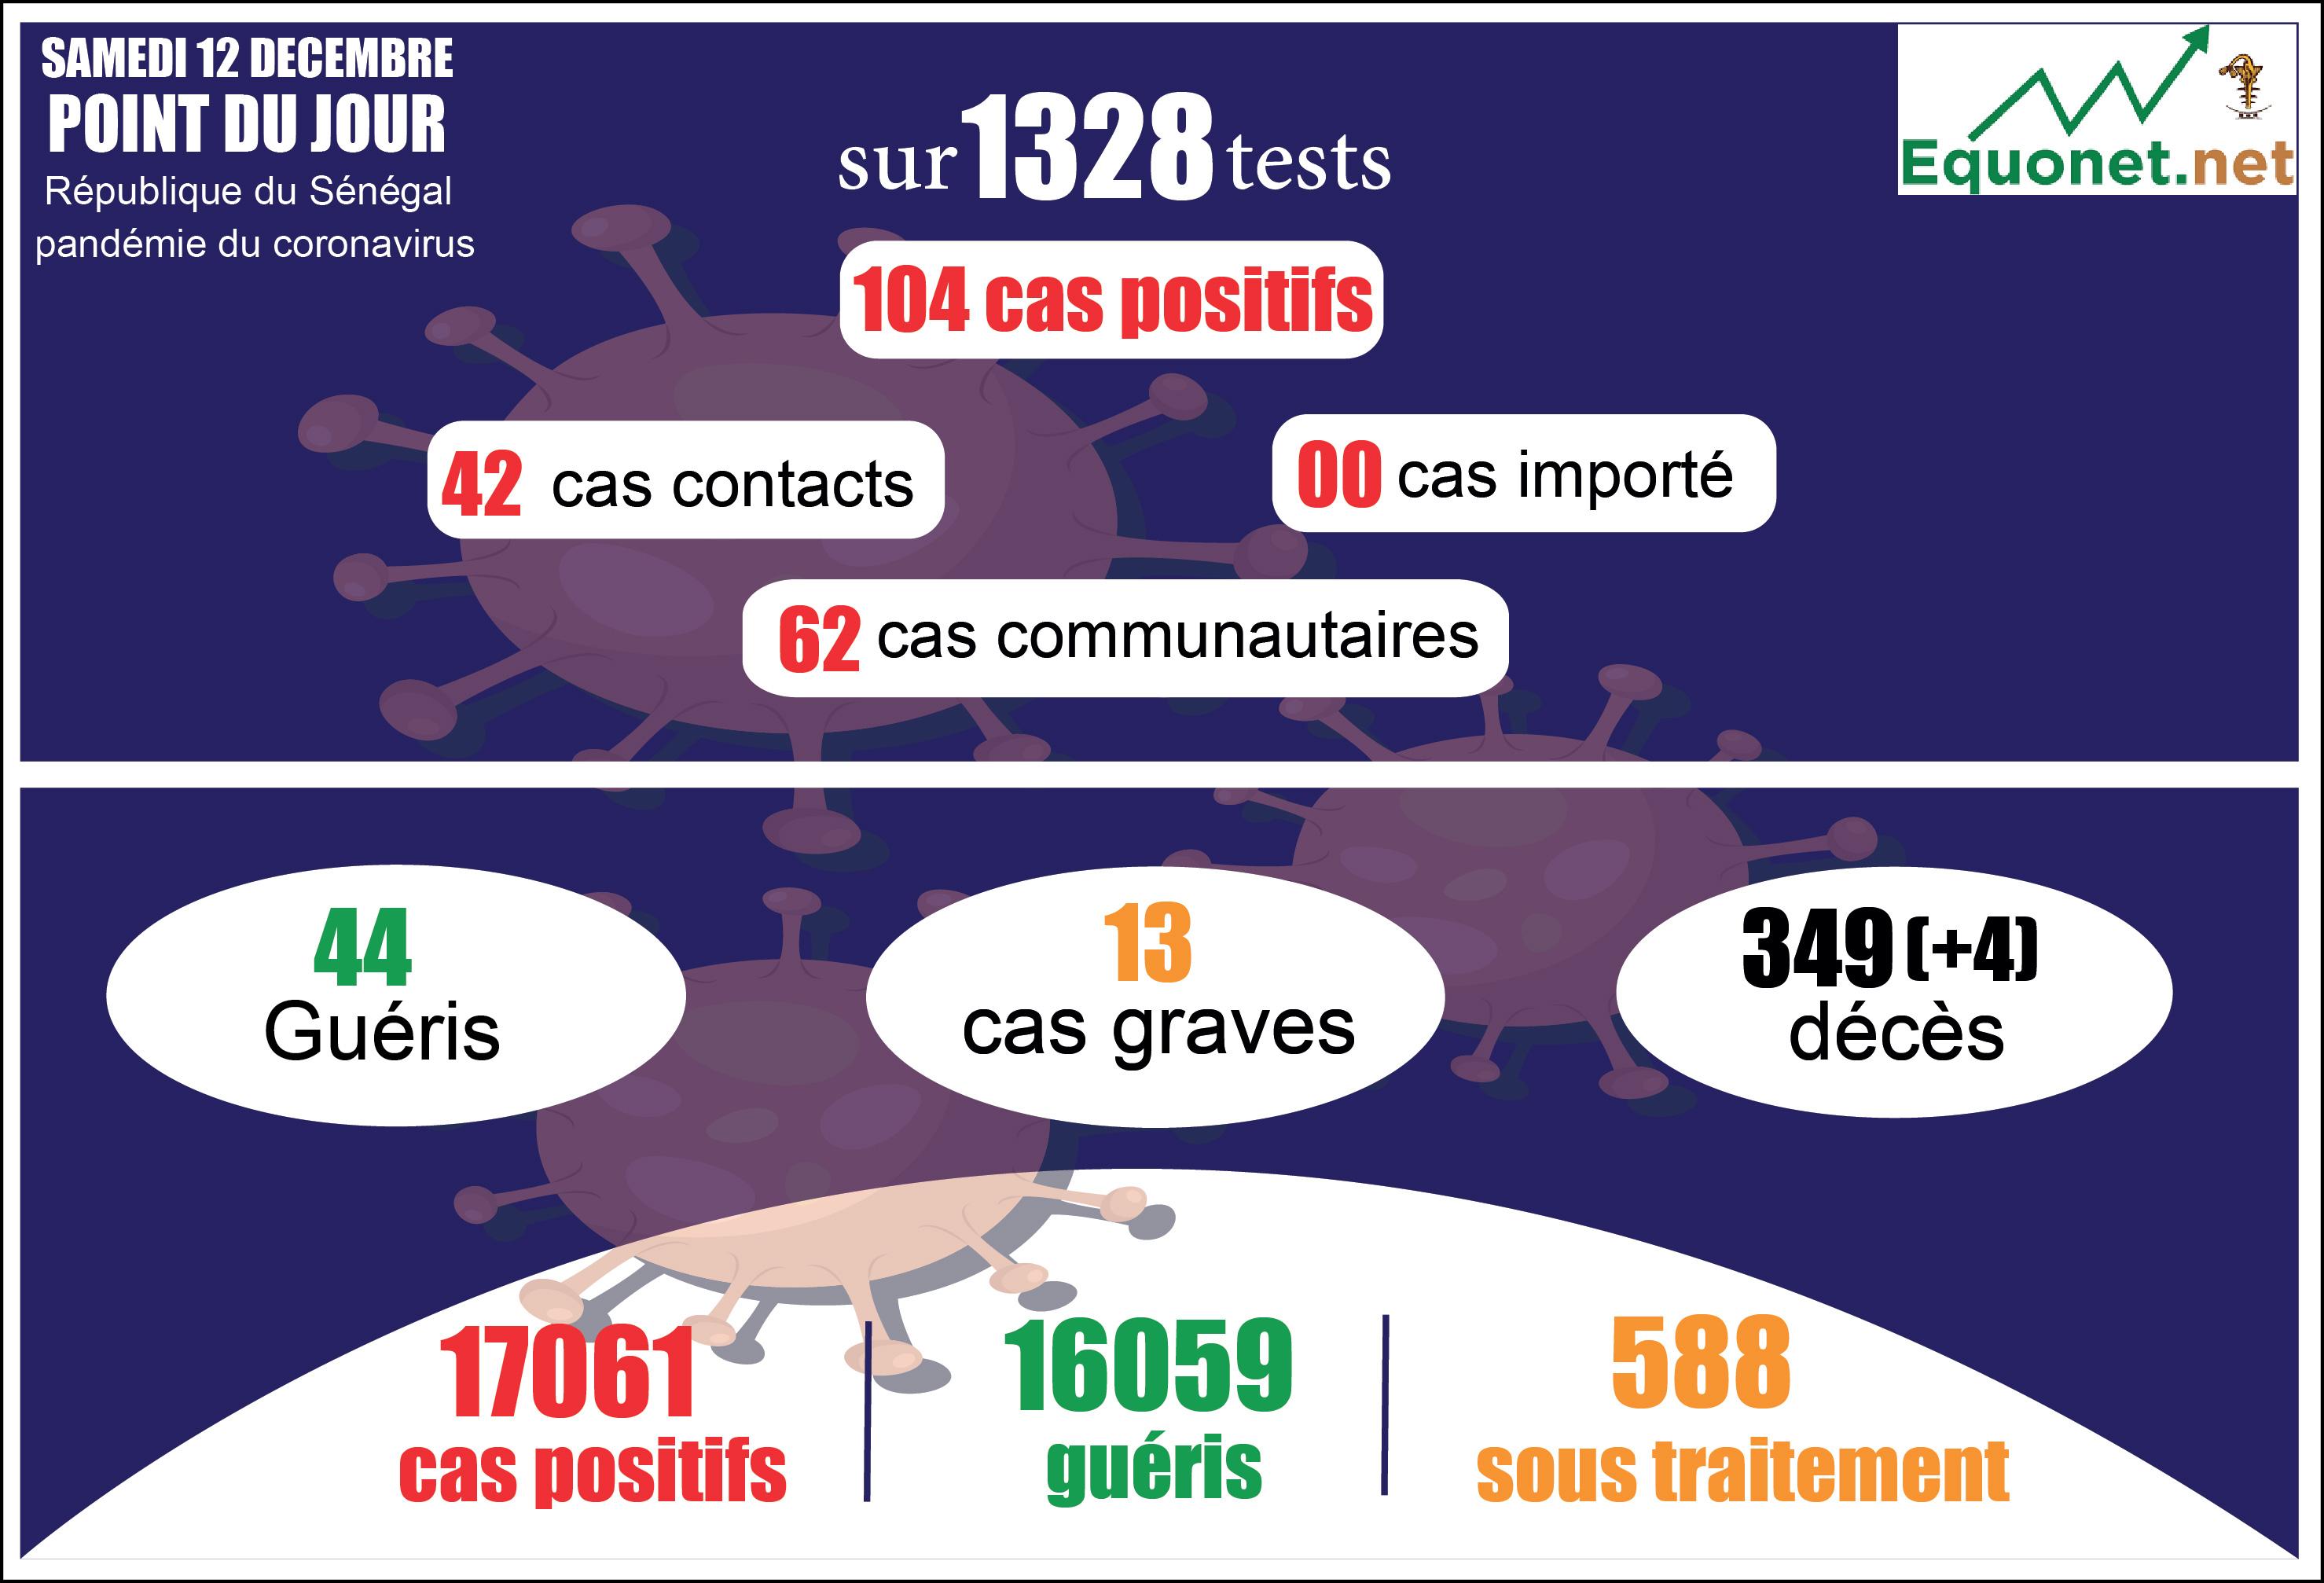 pandémie du coronavirus-covid-19 au sénégal : 62 cas communautaires ont été enregistrés ce samedi 12 décembre 2020